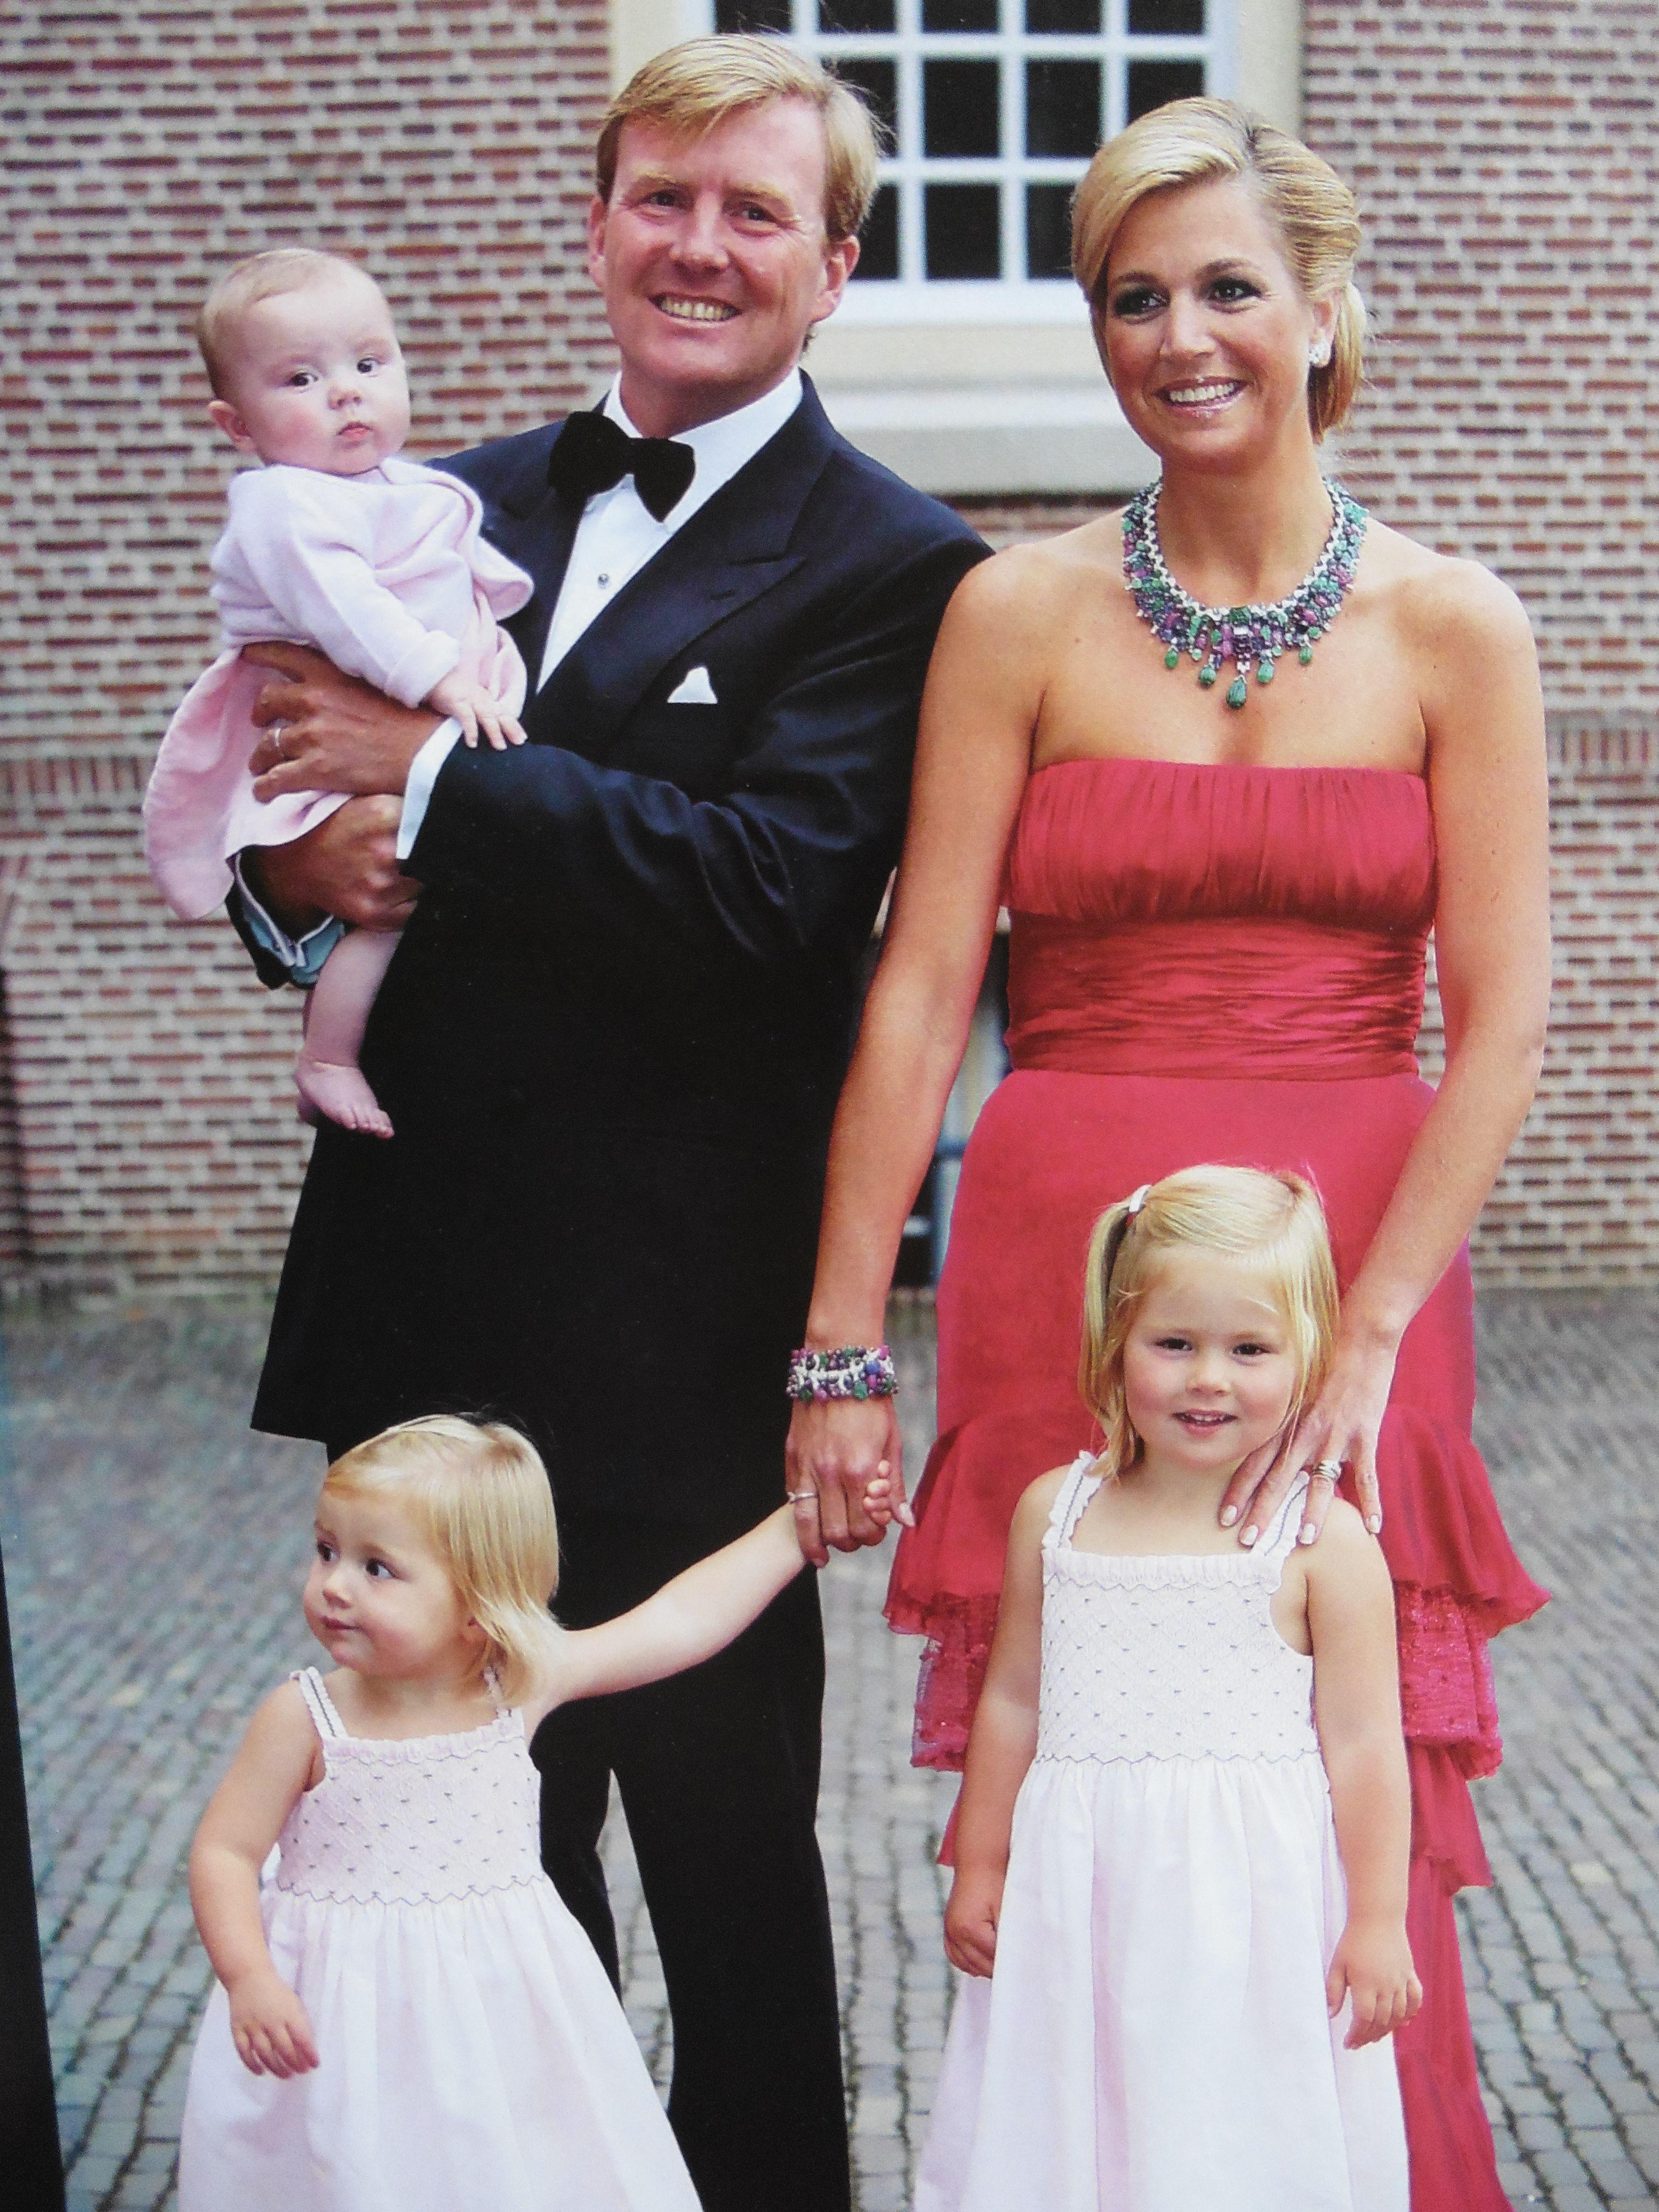 maxima 40 jaar feest WA 40 jaar   feest in Apeldoorn, later ivm geboorte Ariane  maxima 40 jaar feest